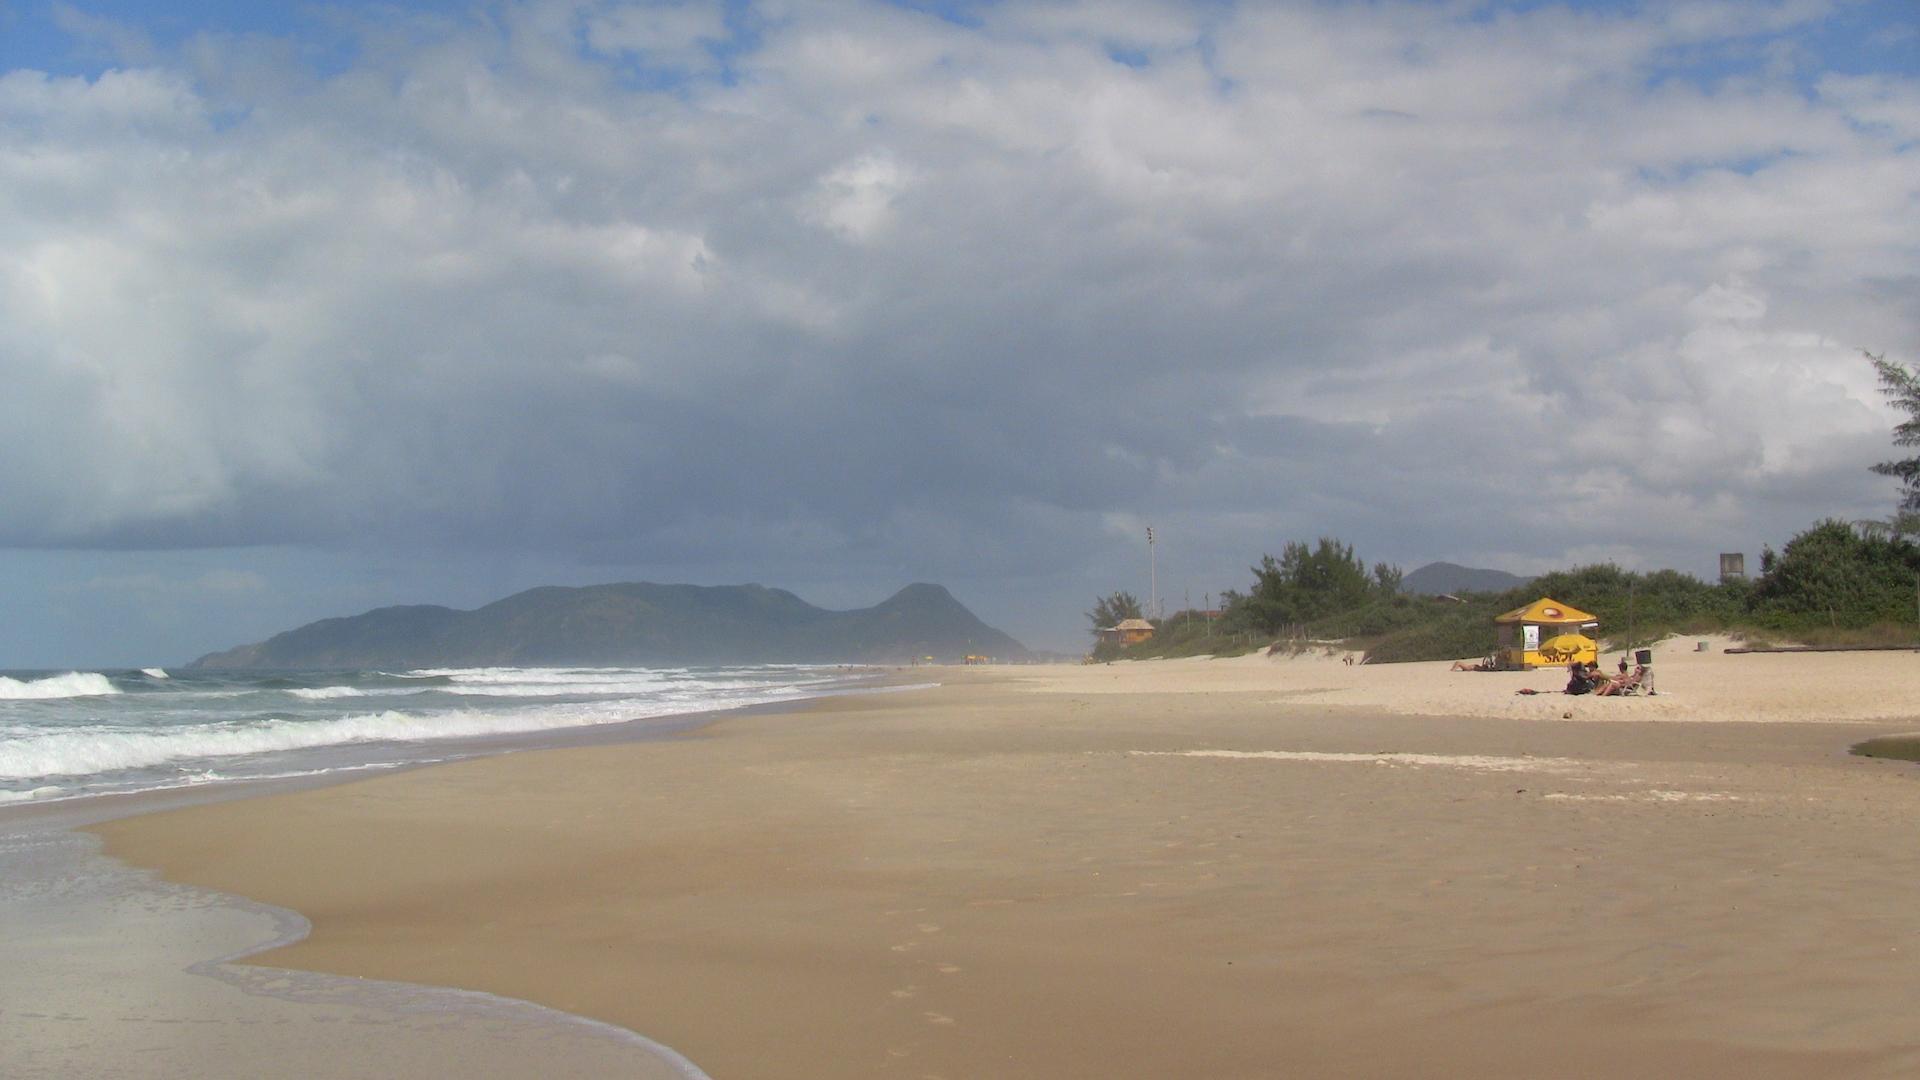 7 Tage Reisebaustein Mietwagenreise von Porto Alegre bis Florianopolis einsamer Strand